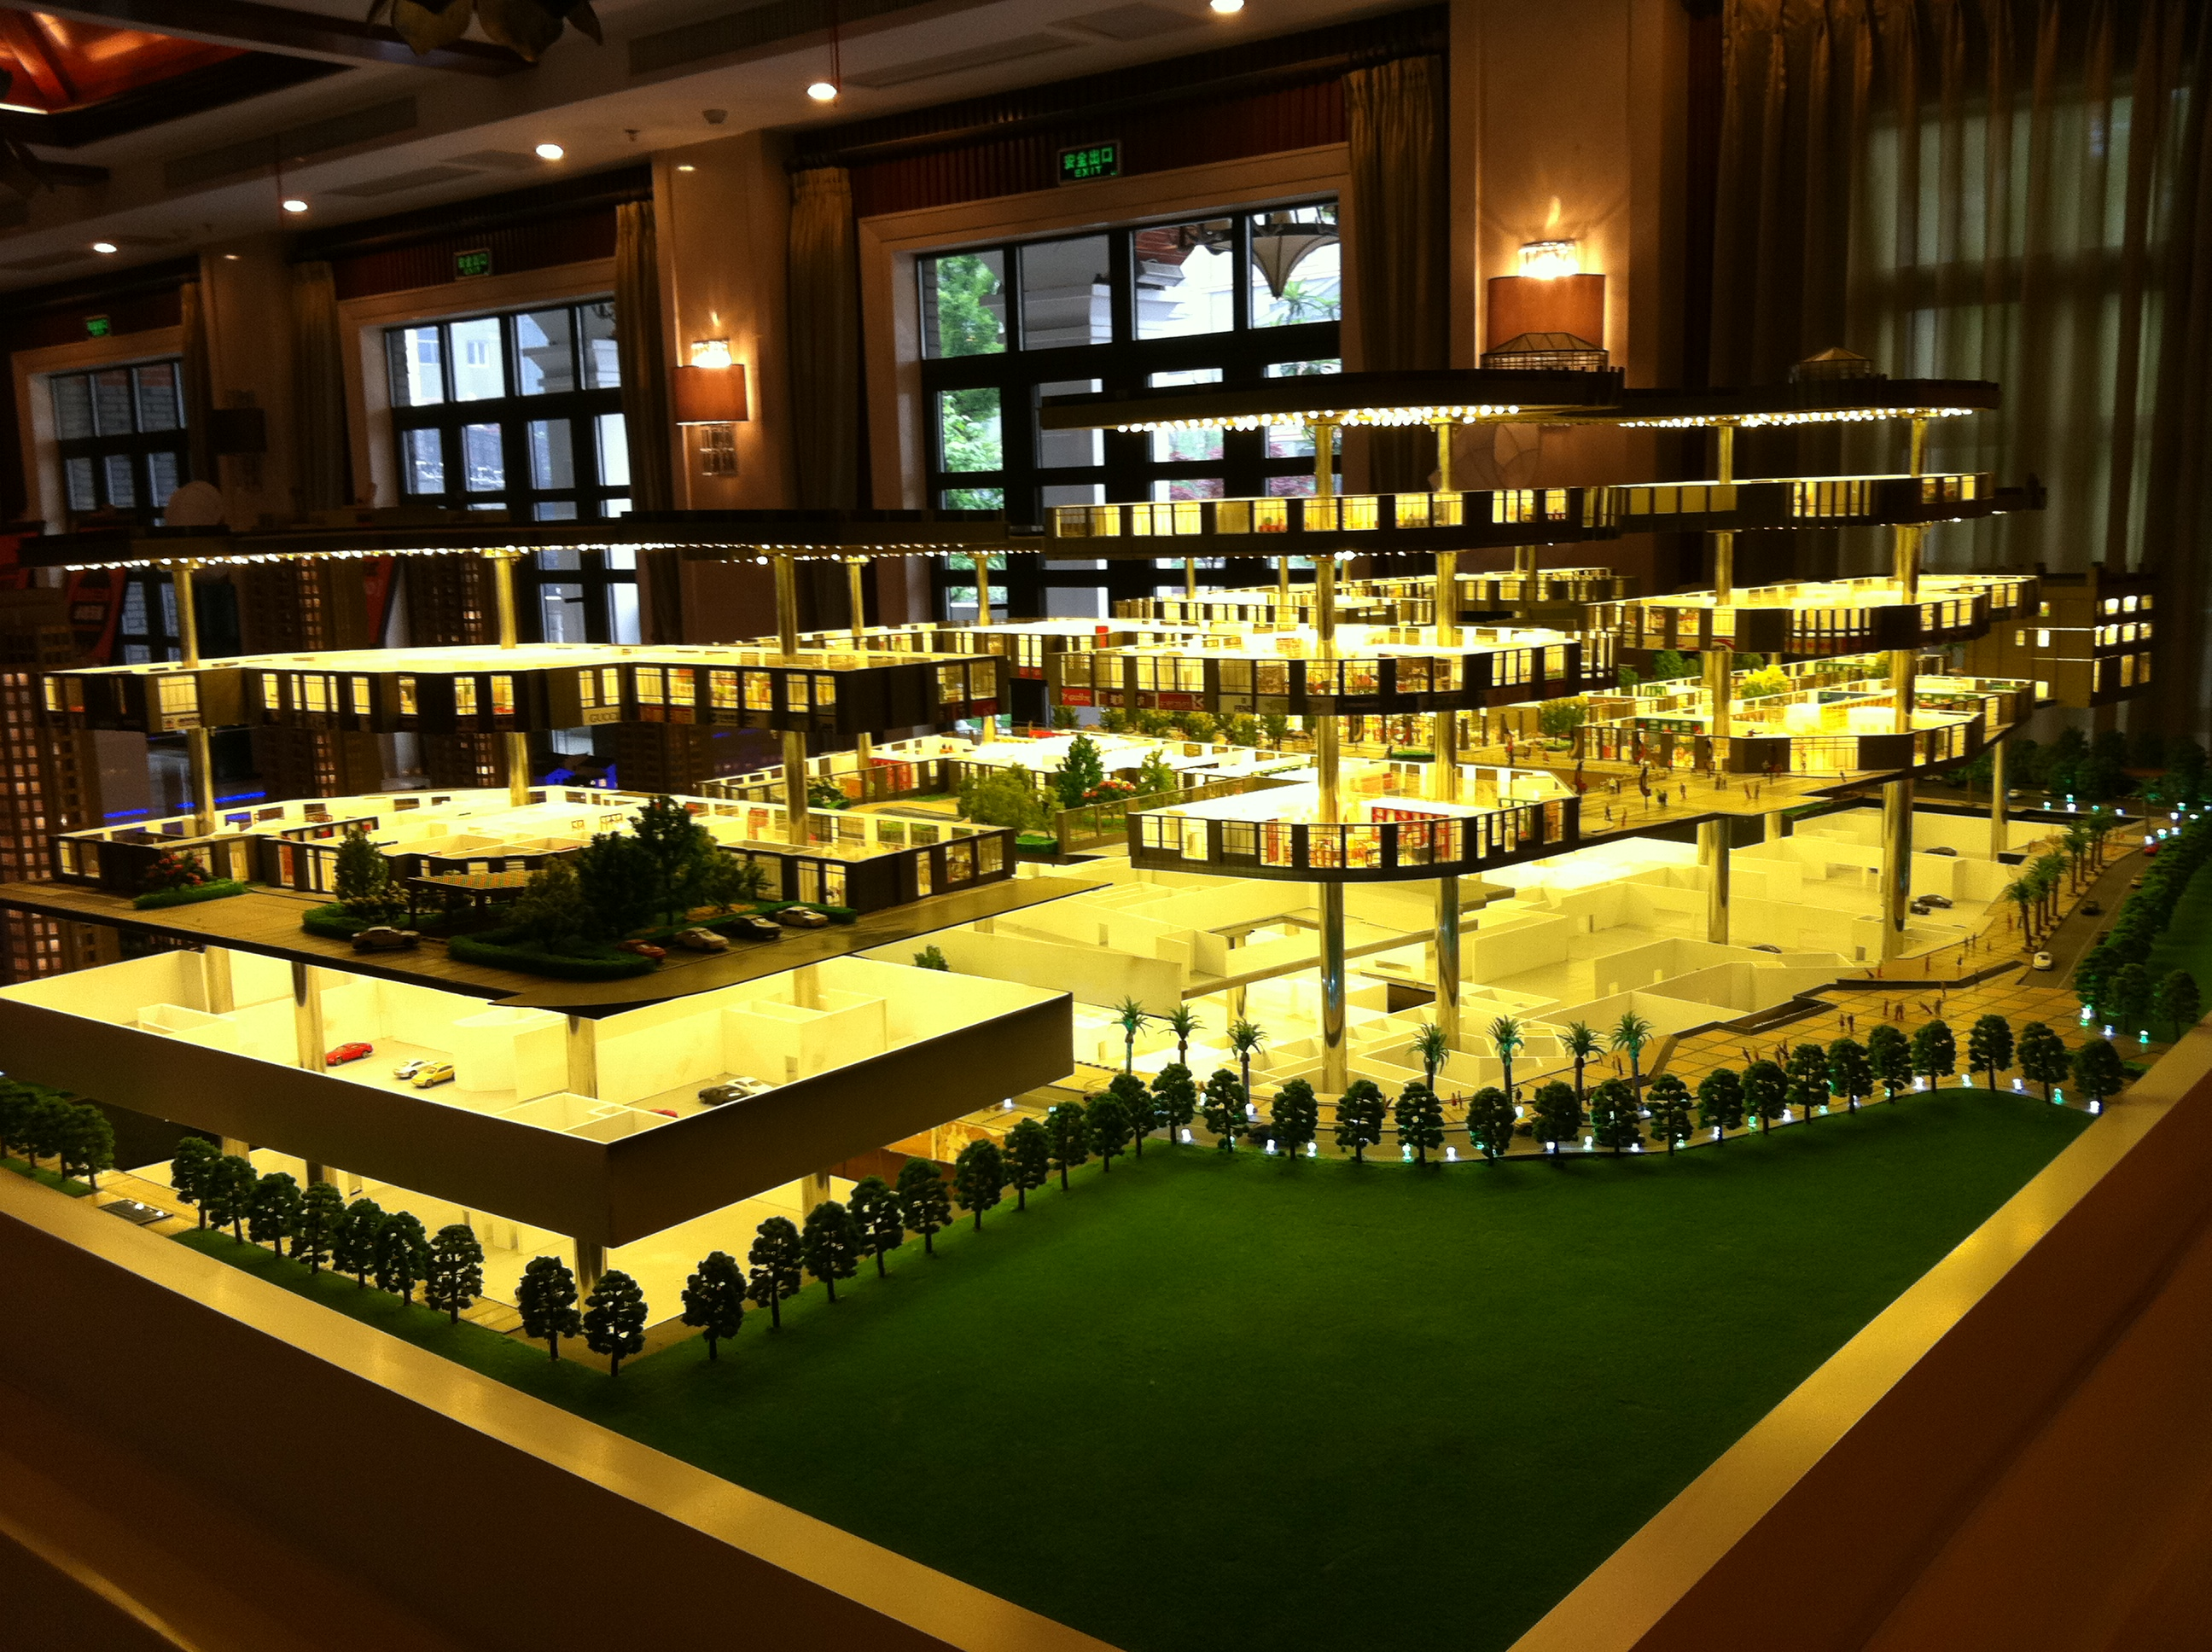 重庆商业建筑raybet押注|雷竞技提现总投注额|raybet雷竞技最佳电子竞猜